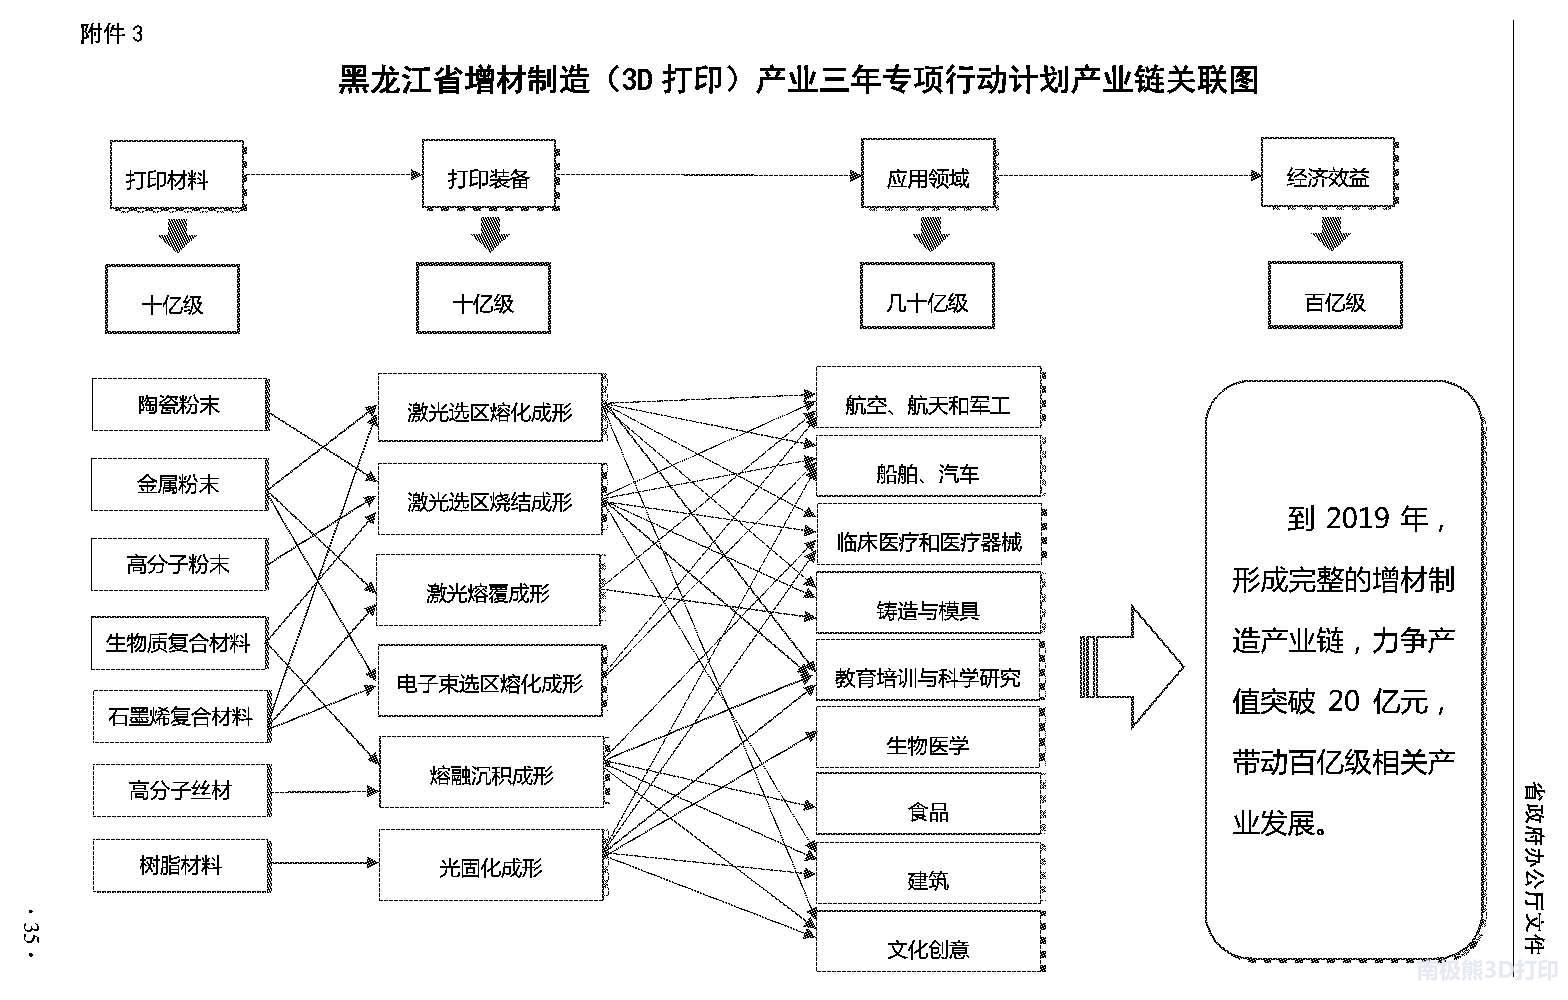 黑龙江3d玩法_解析:黑龙江省增材制造(3D打印)产业三年专项行动计划_3D打印网